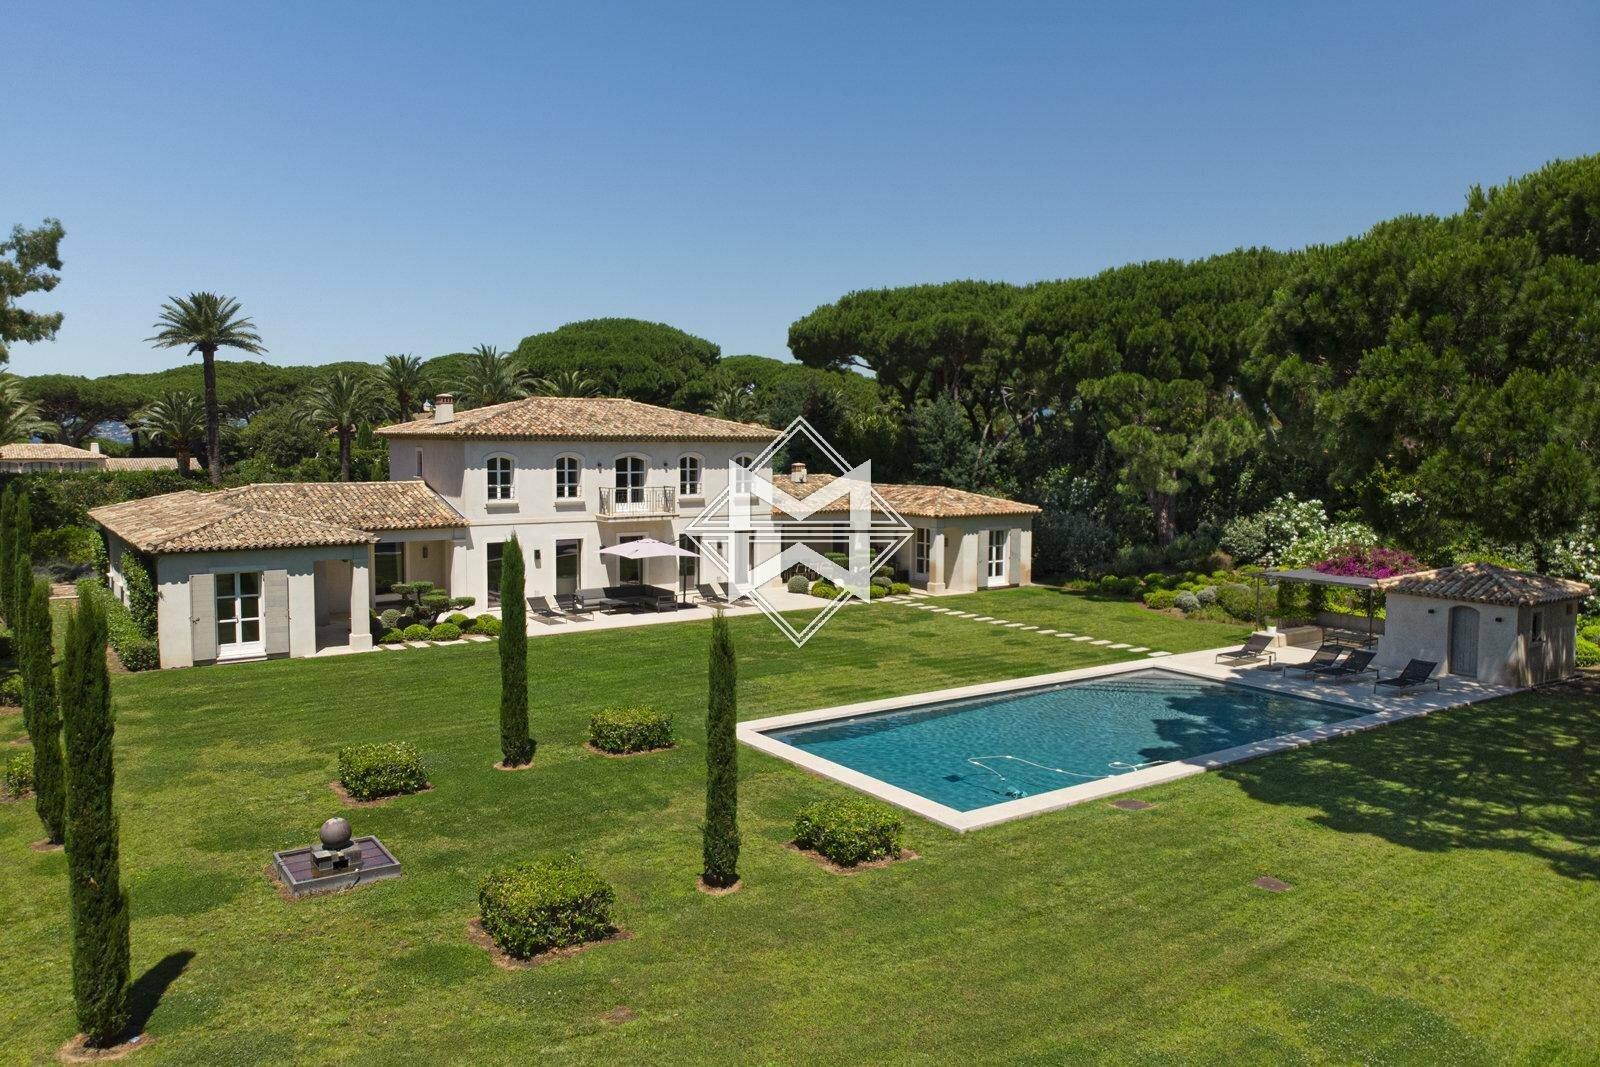 Villa in Saint-Tropez, Provence-Alpes-Côte d'Azur, France 1 - 11333925